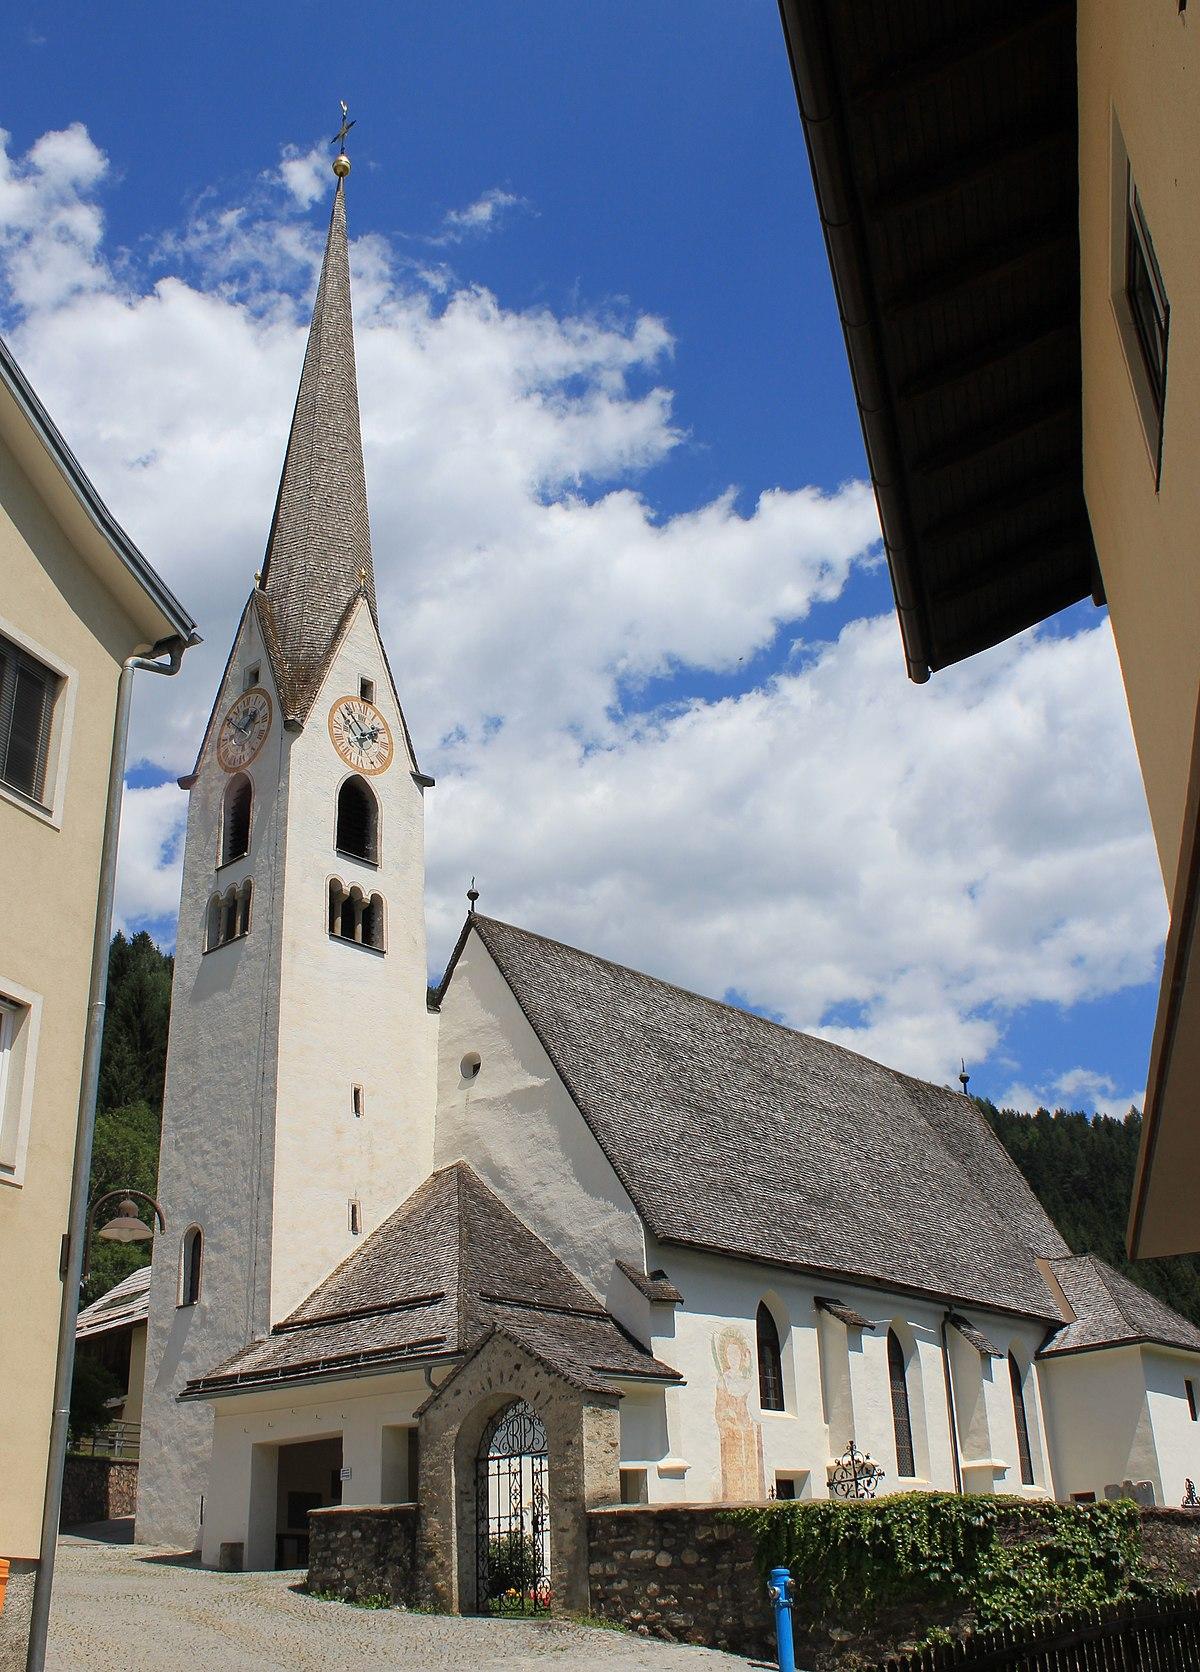 Kruterdorf Irschen - sterreich, Krnten, Irschen - Pinterest